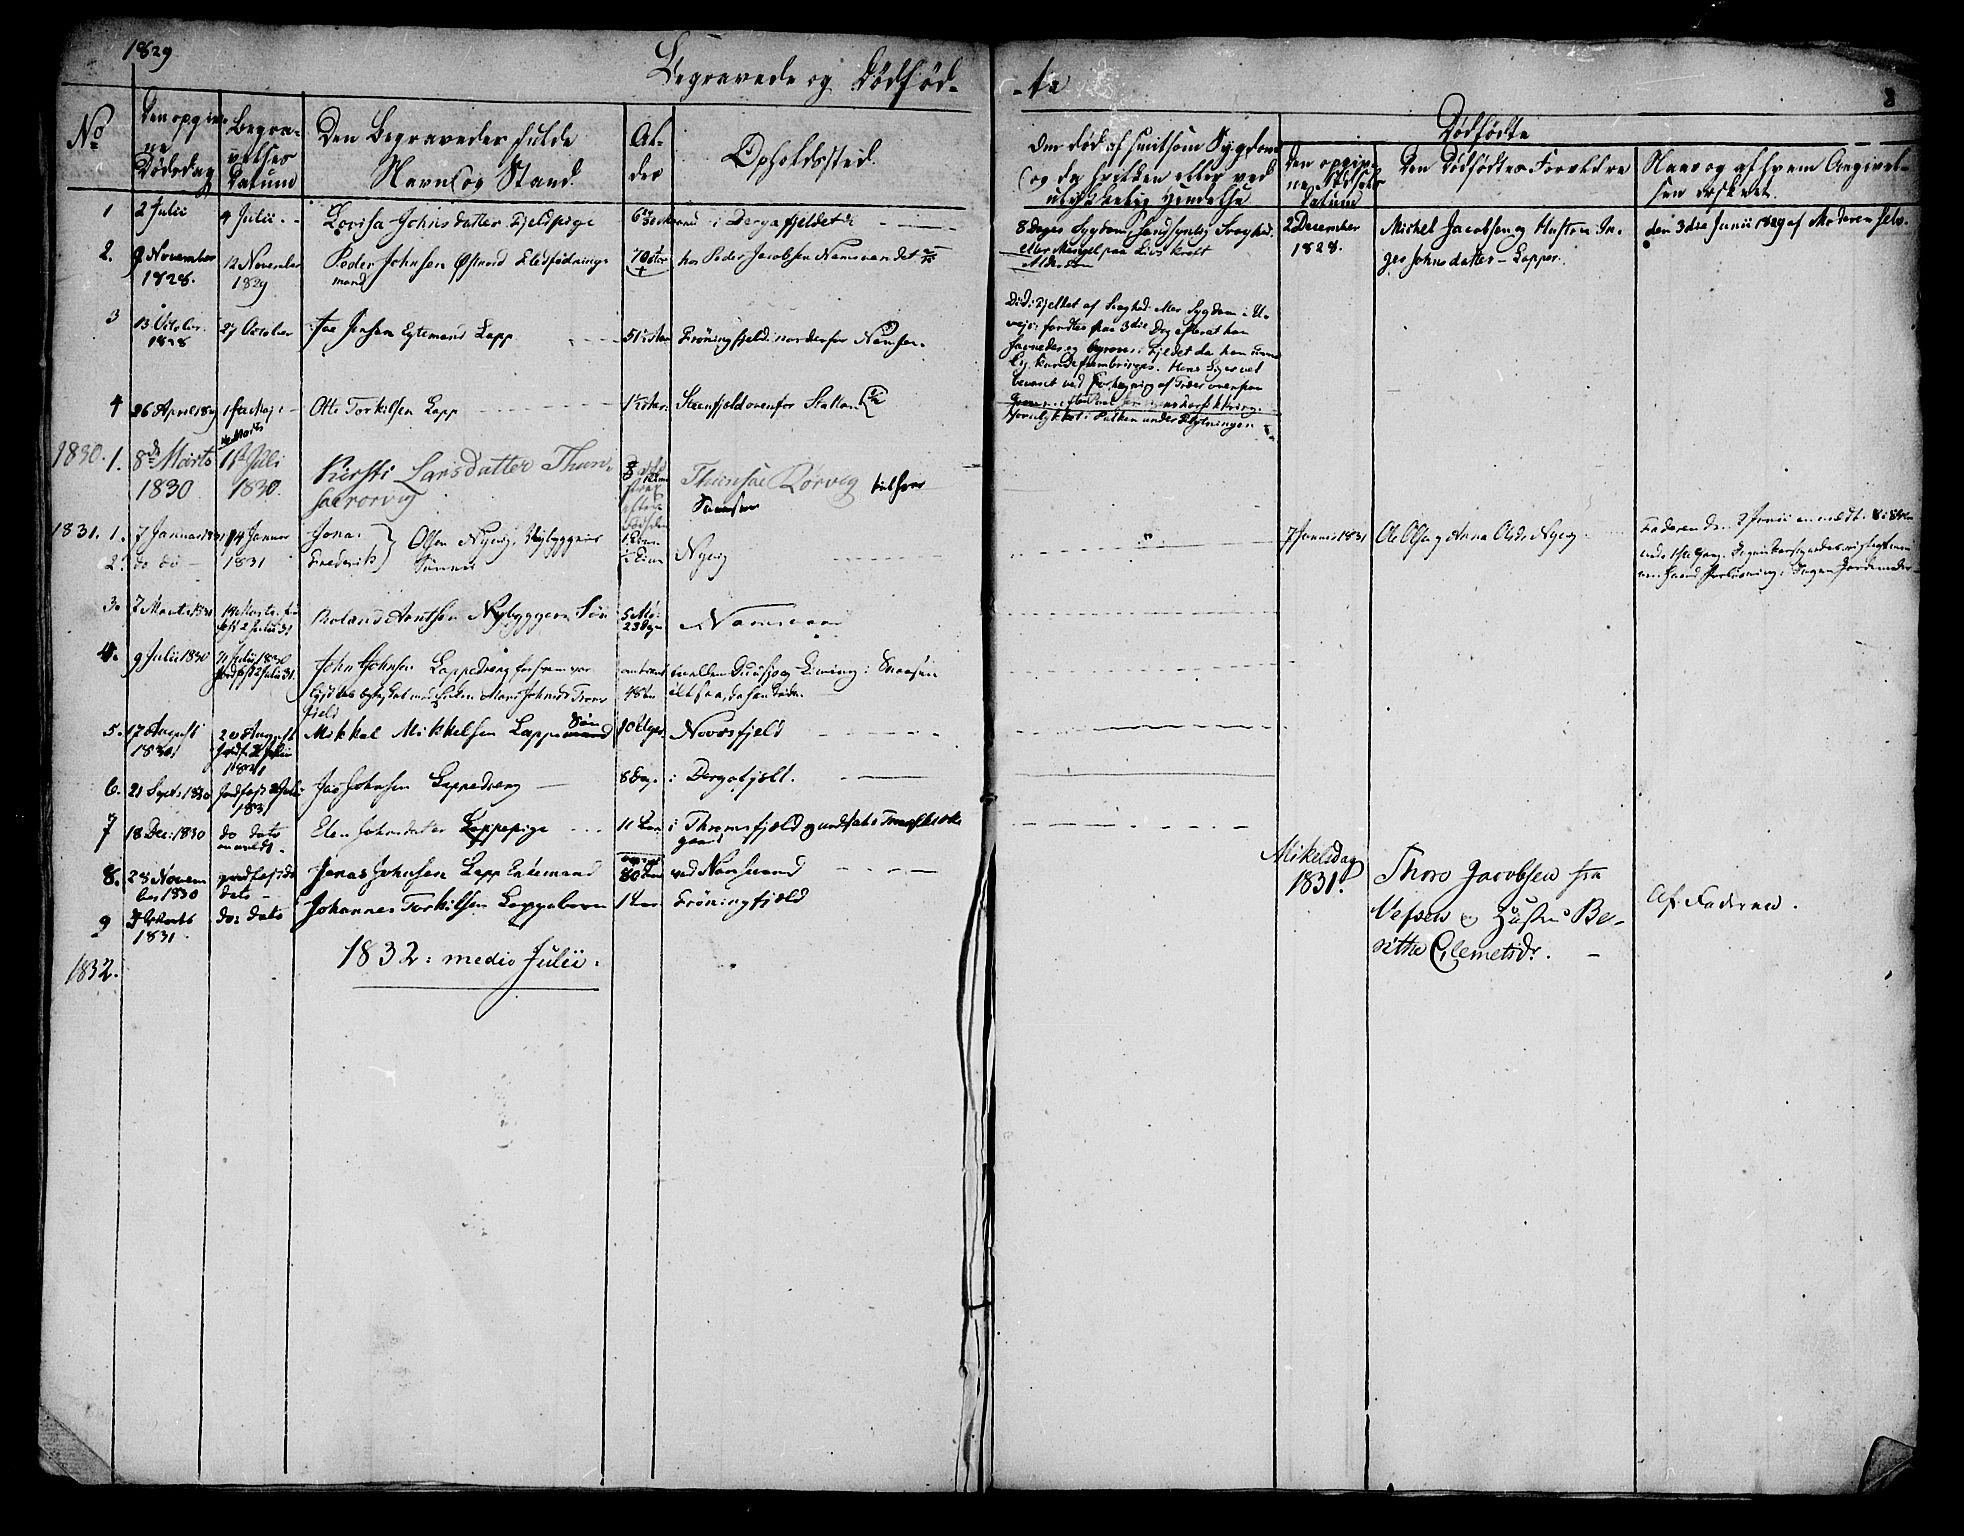 SAT, Ministerialprotokoller, klokkerbøker og fødselsregistre - Nord-Trøndelag, 762/L0536: Ministerialbok nr. 762A01 /1, 1828-1832, s. 8